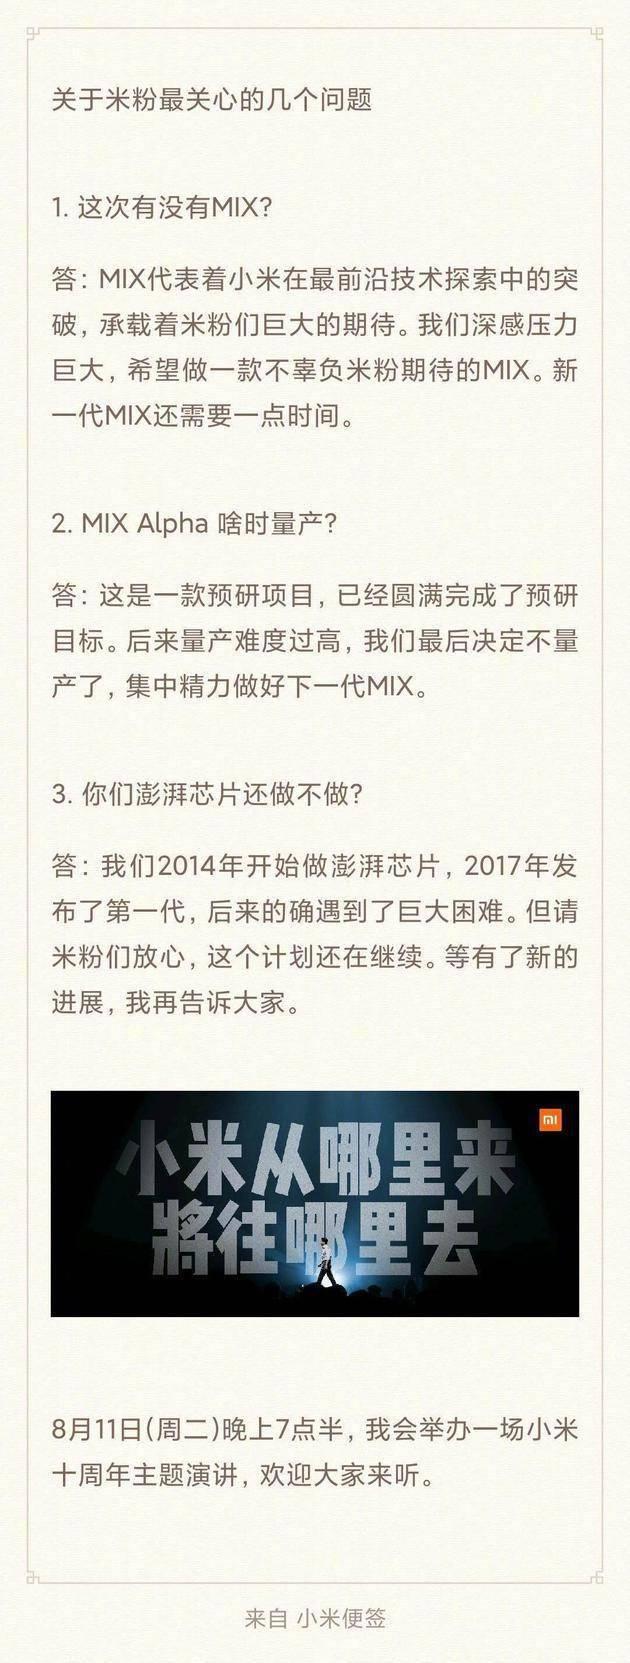 """雷军称小米 MIX Alpha 量产困难已放弃,官网仍显示""""敬请期待"""""""